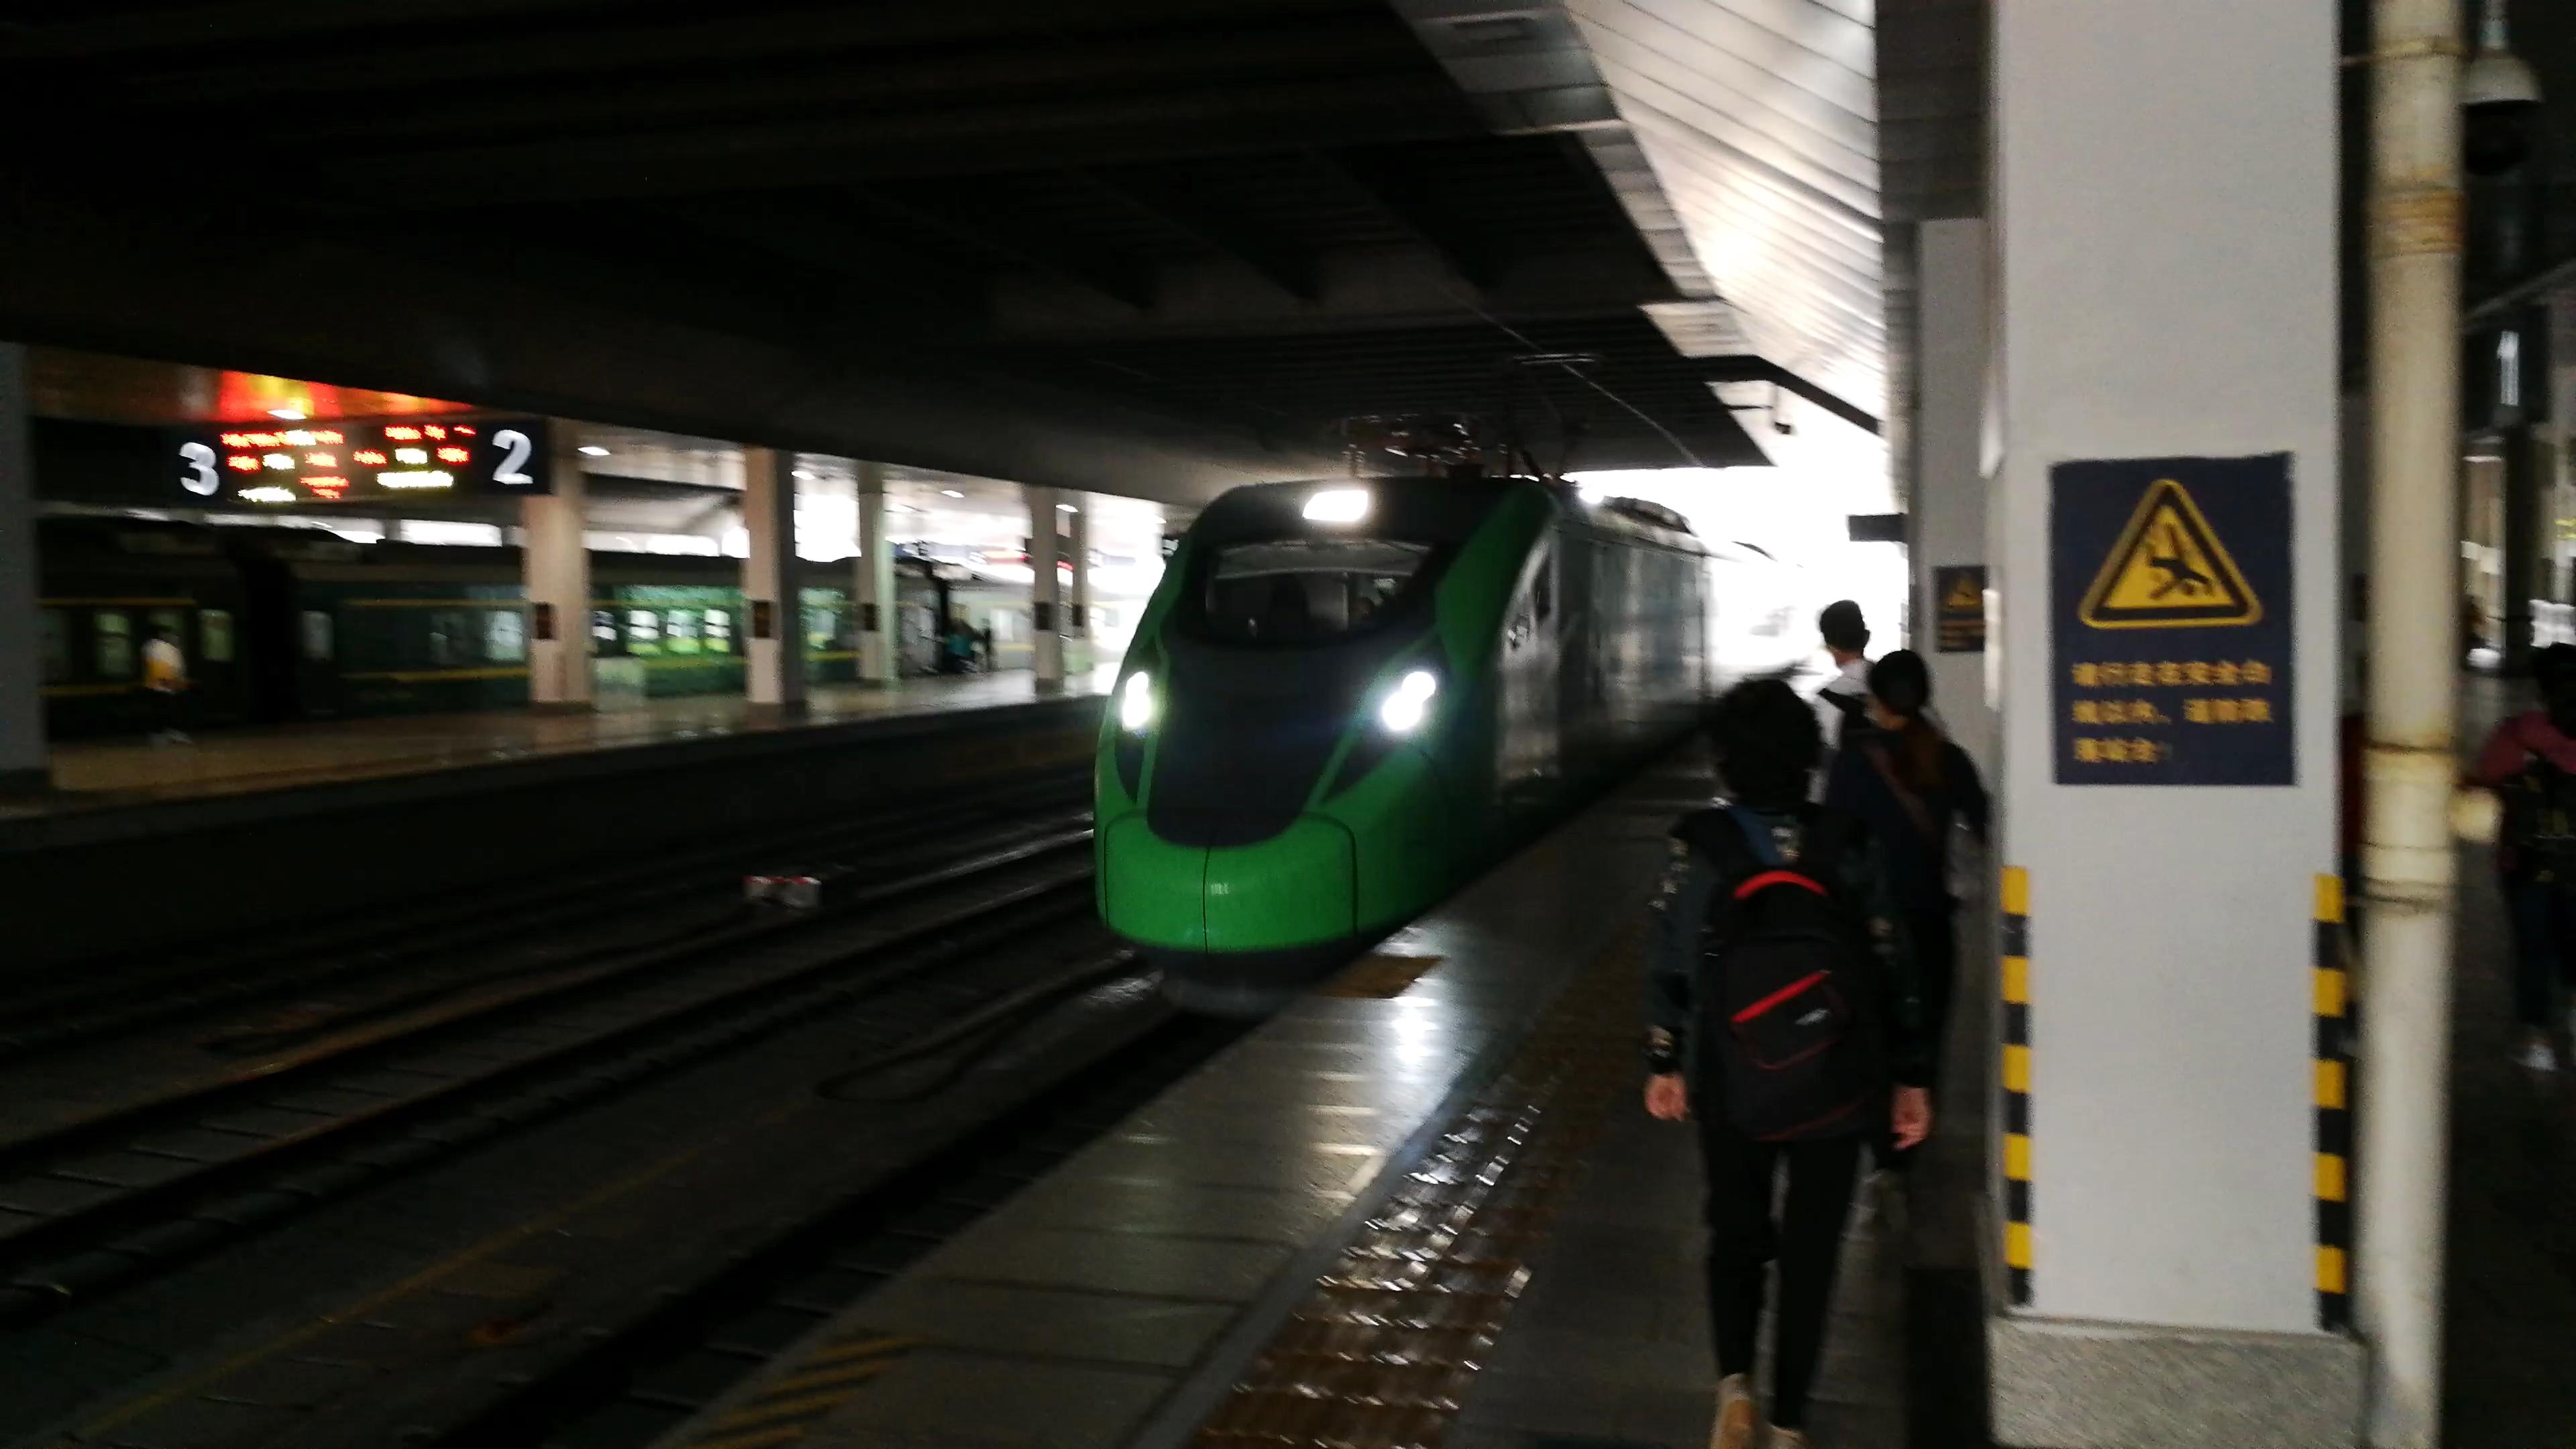 【中国铁路】C8304/1次(昆明-蒙自)昆明站进站(司机友好鸣笛)